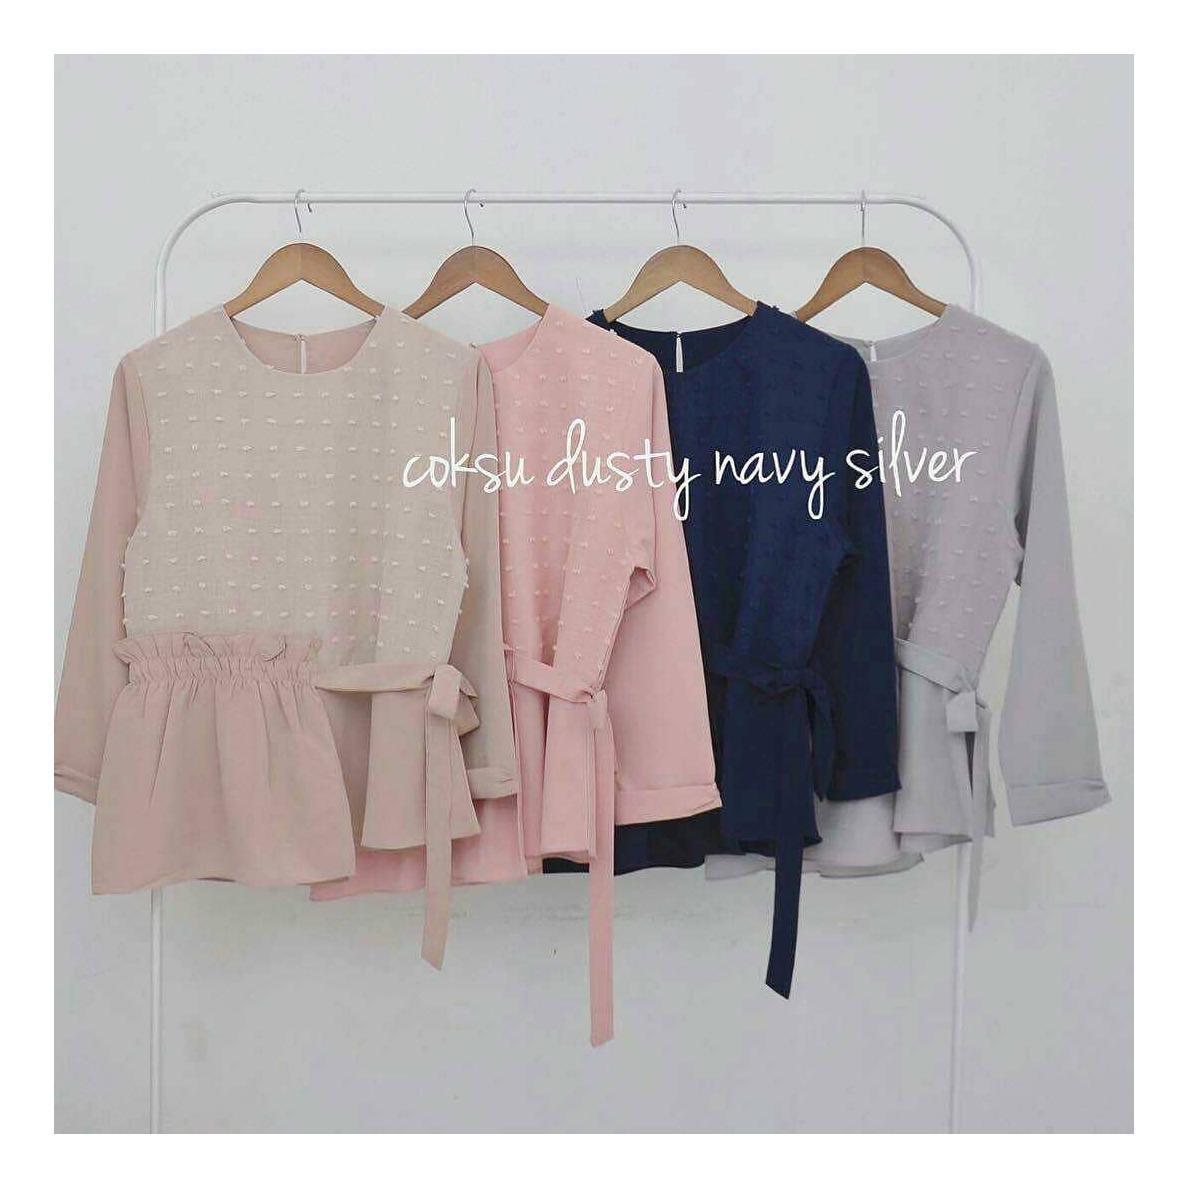 Baju Original Alina Blouse Linen Rubiah Pakaian Wanita Muslim Modern Atasan Cewek Muslimah Top Shirt Simple Trend 2018